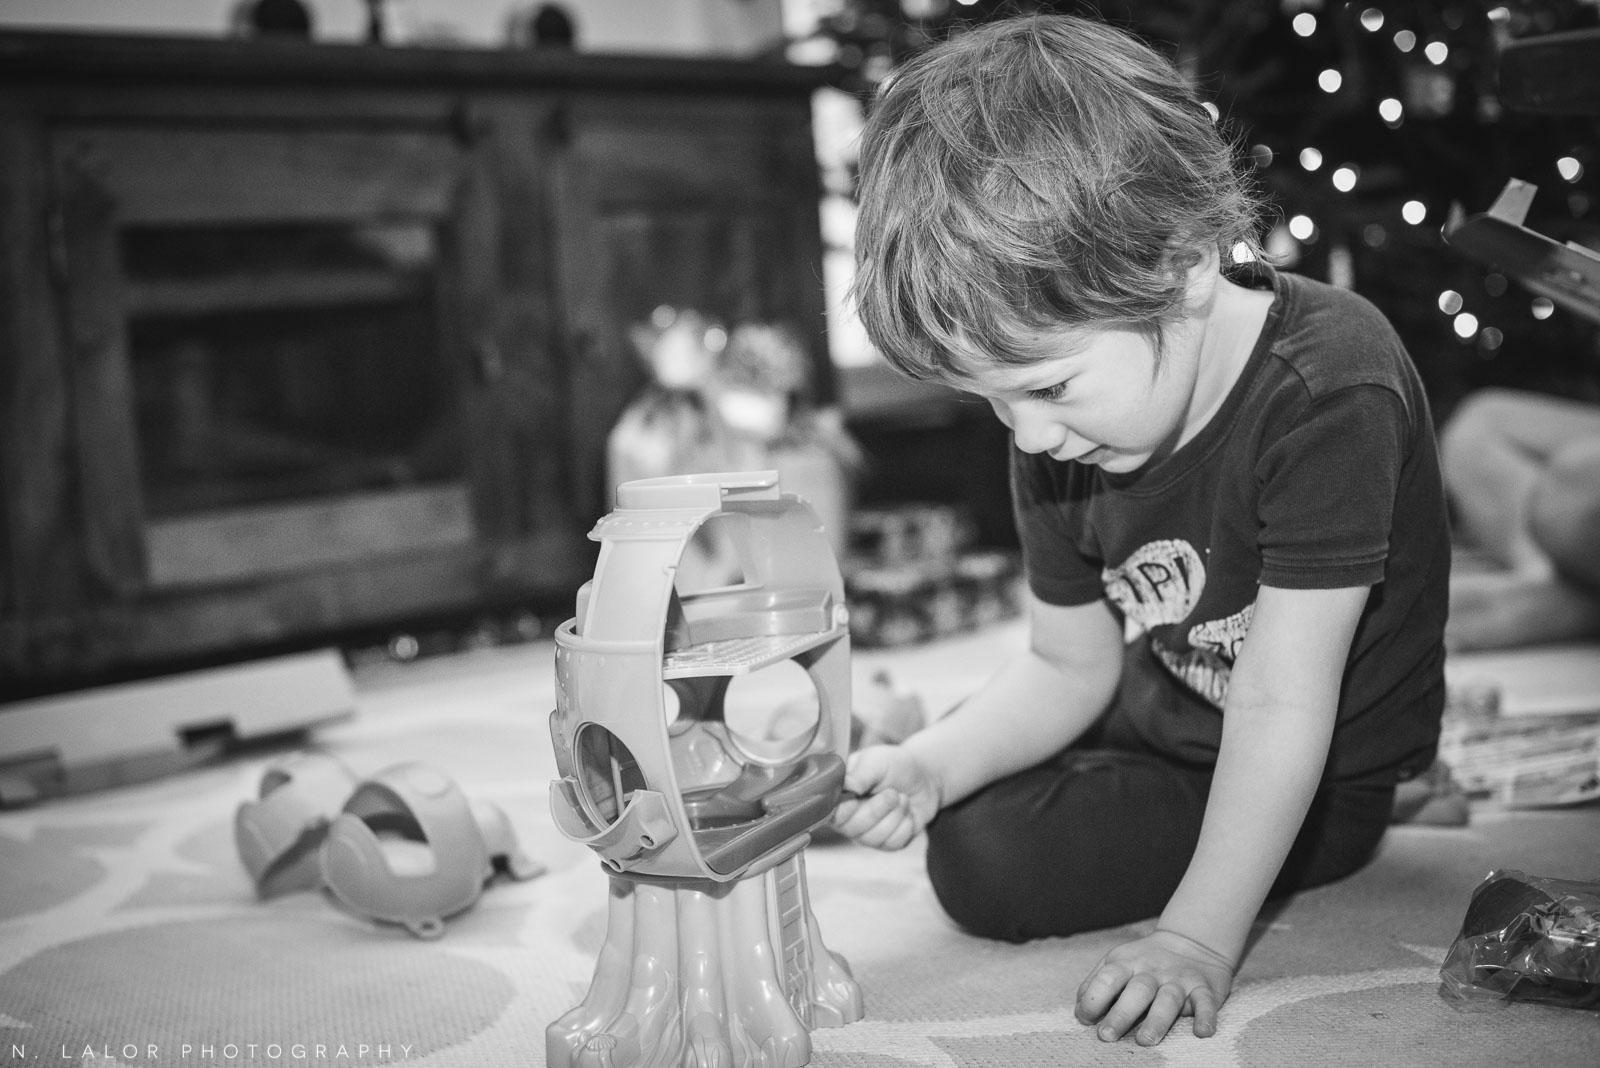 nlalor-photography-2014-christmas-morning-2.jpg